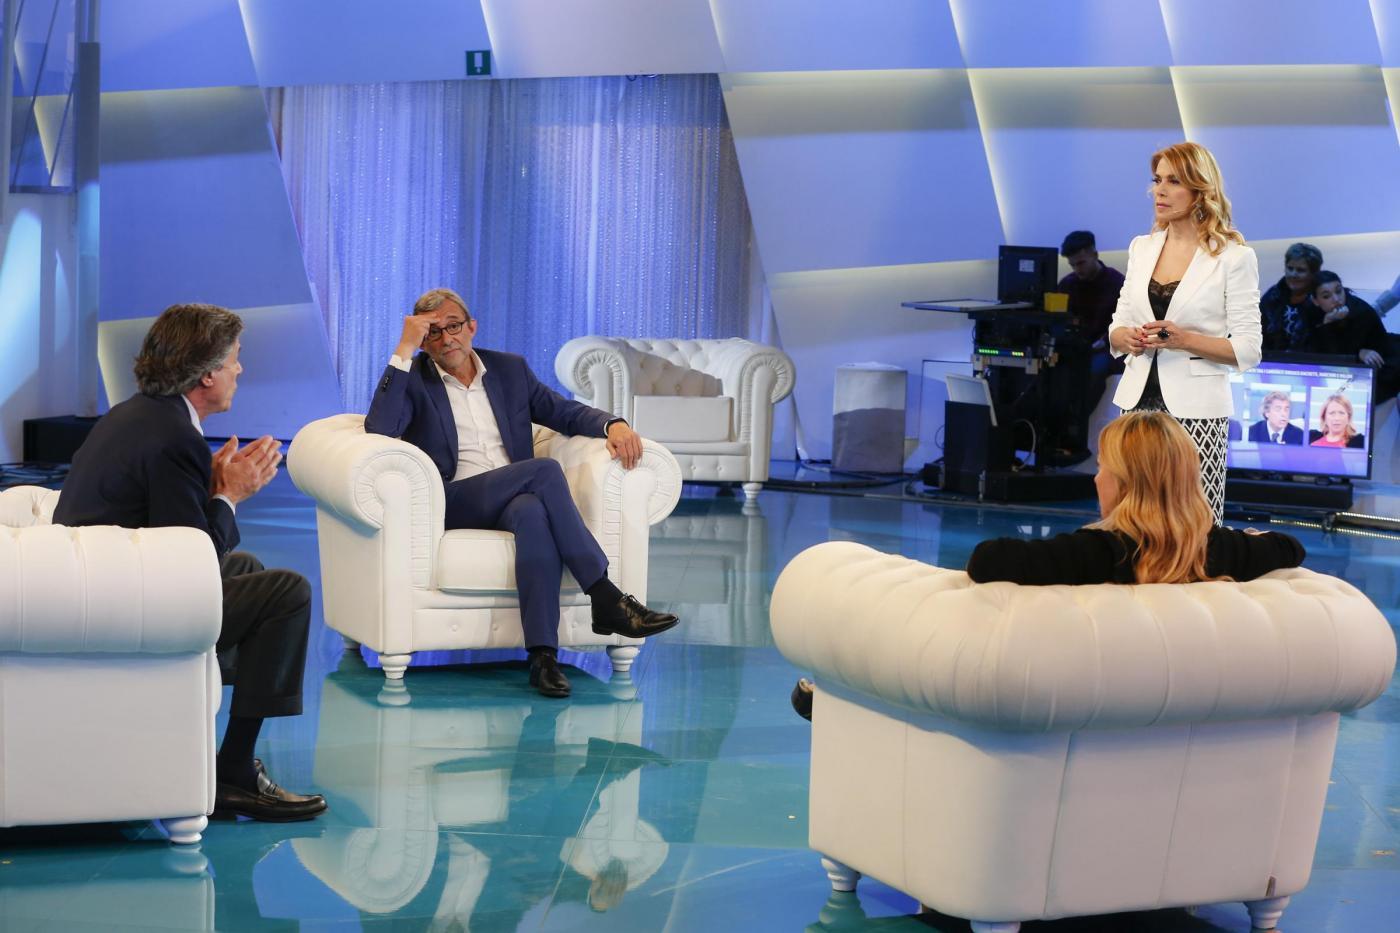 Elezioni comunali Roma e Milano 2016, le parole chiave dai candidati